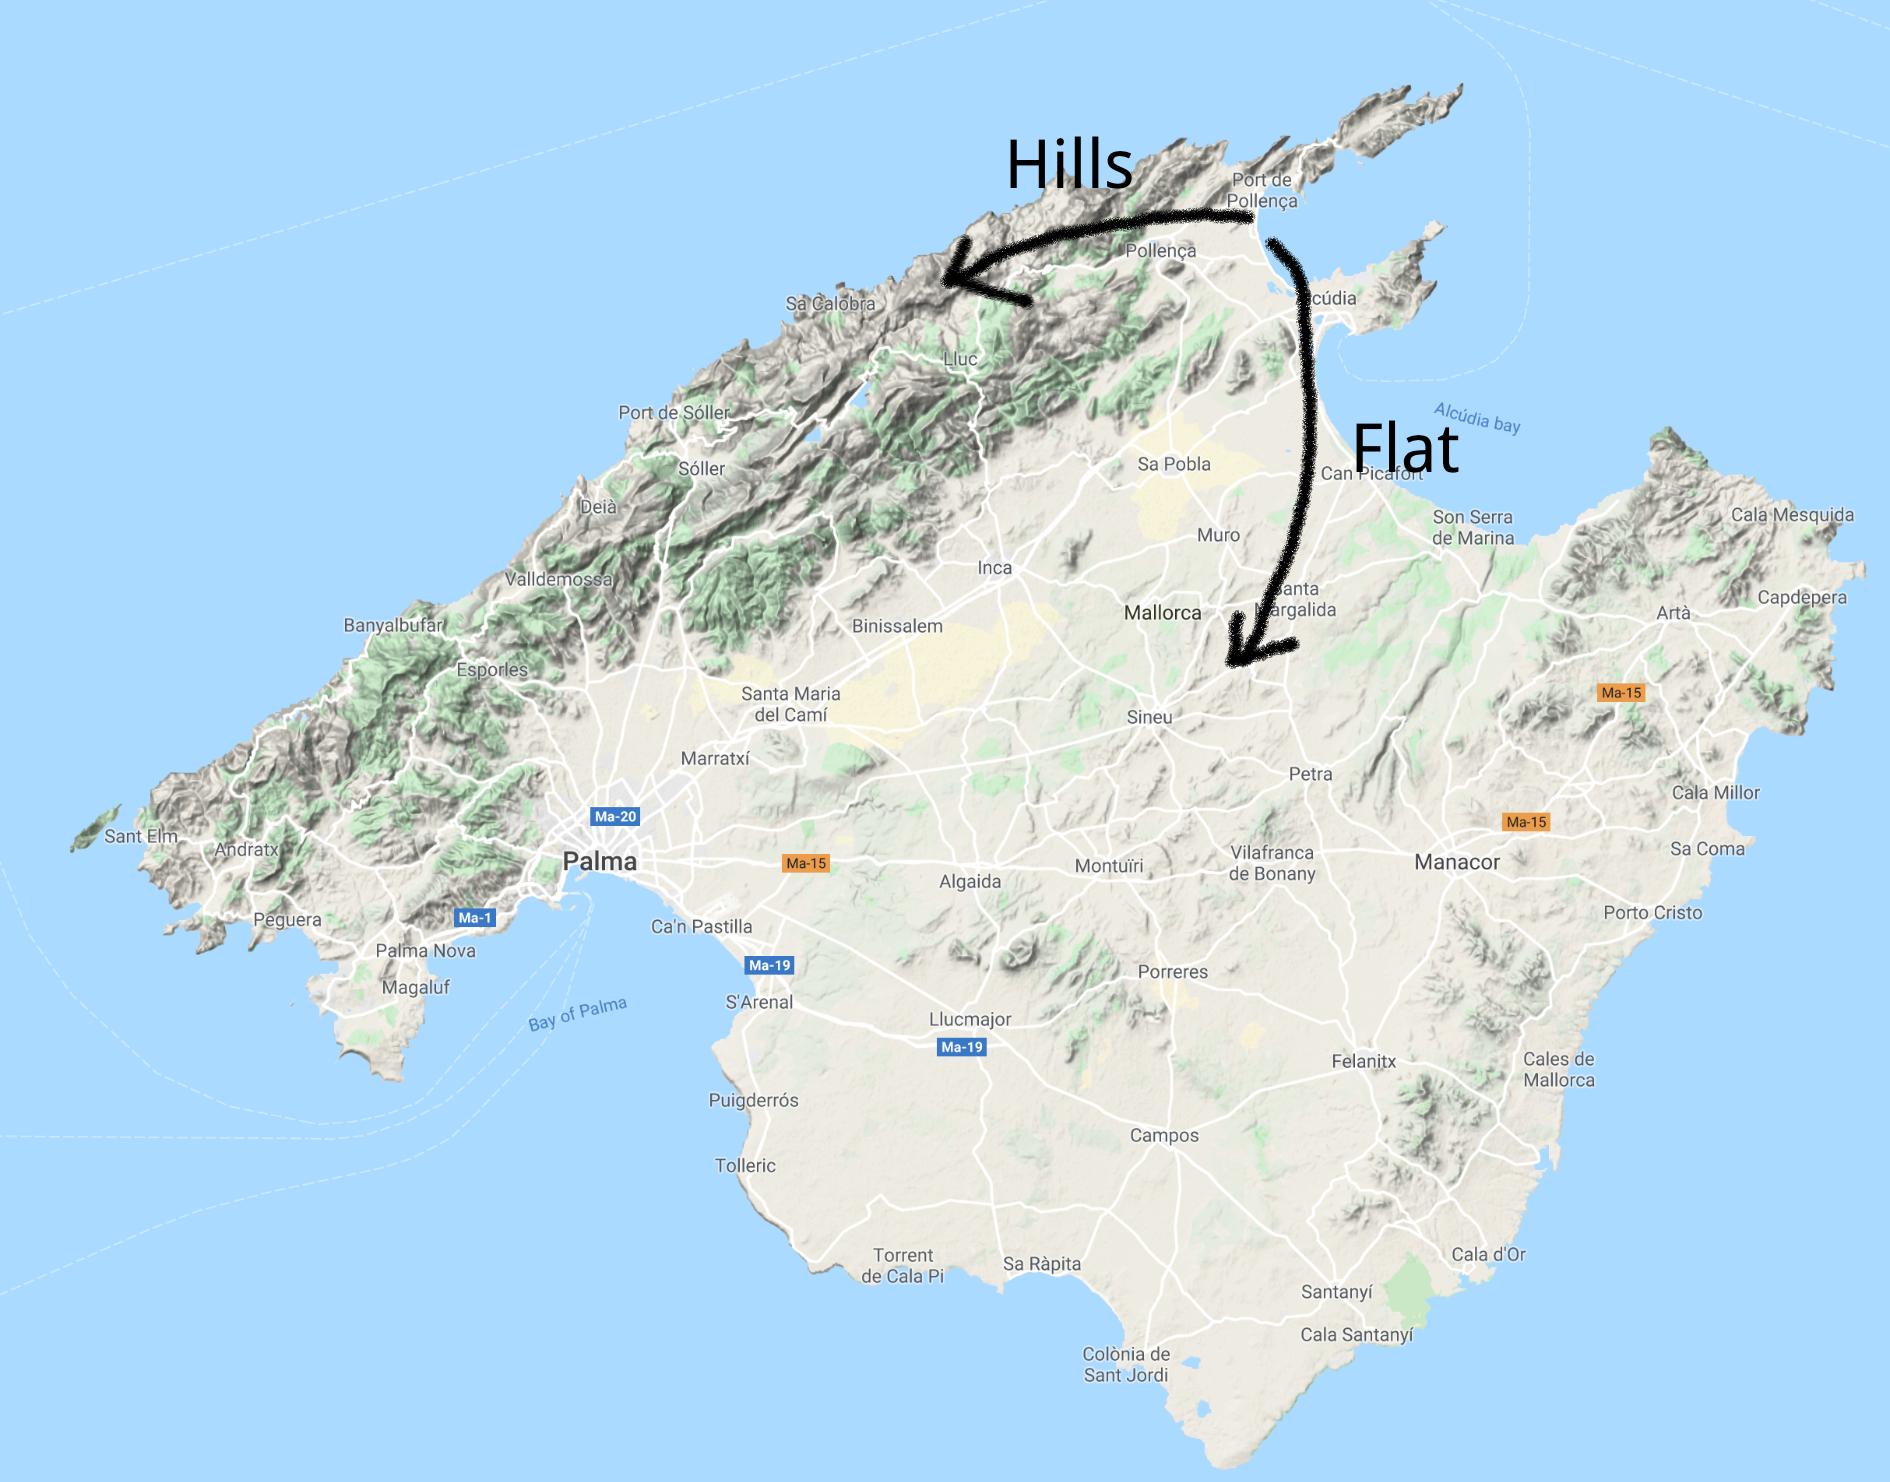 Majorca - hills or flat